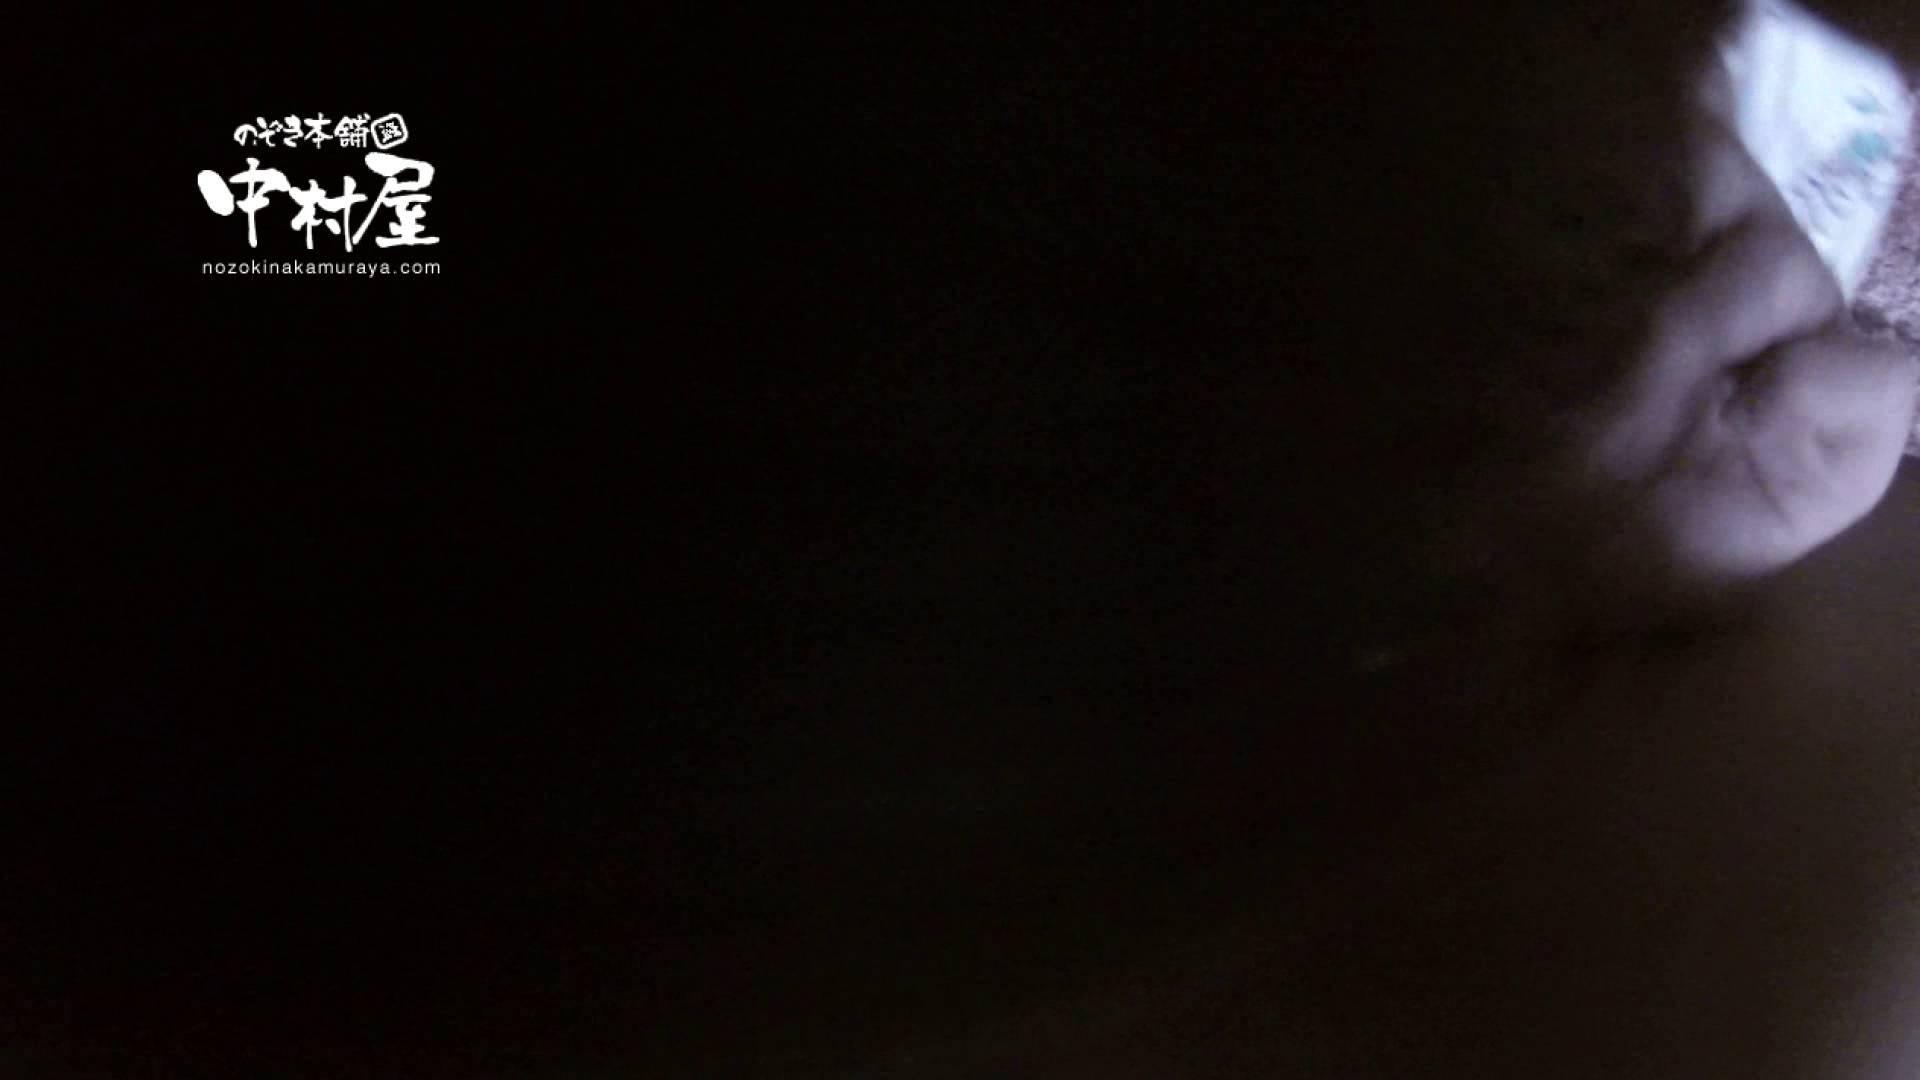 鬼畜 vol.10 あぁ無情…中出しパイパン! 前編 鬼畜   パイパン  61pic 16